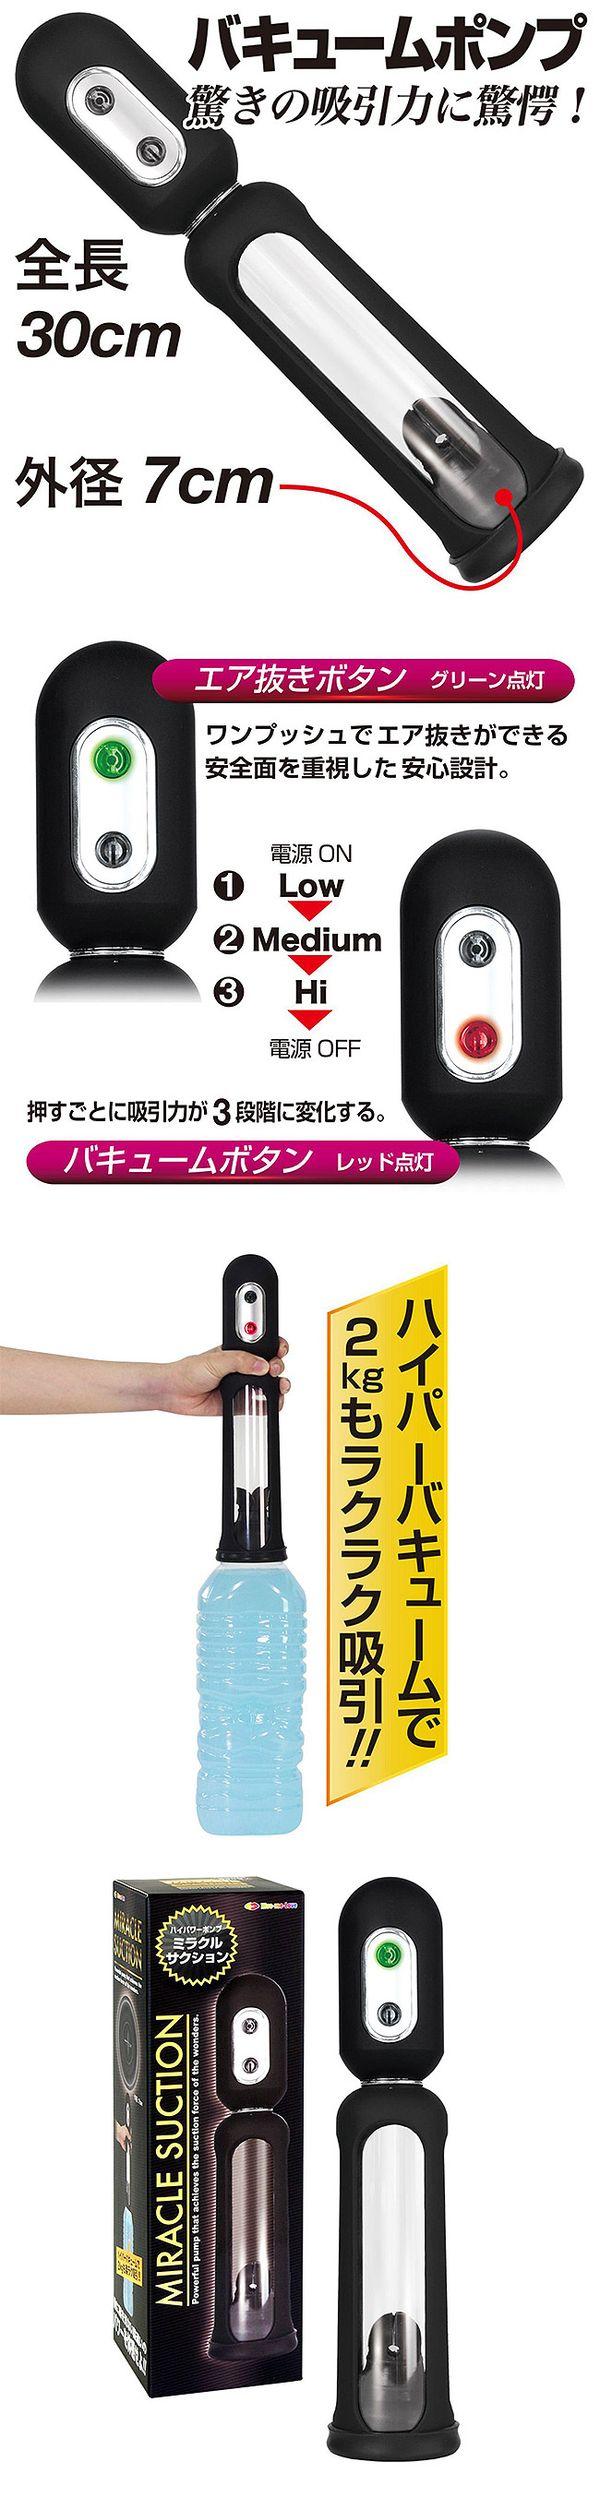 附圖2-日本原裝進口NPG.奇蹟3段吸力真空吸吮助勃器